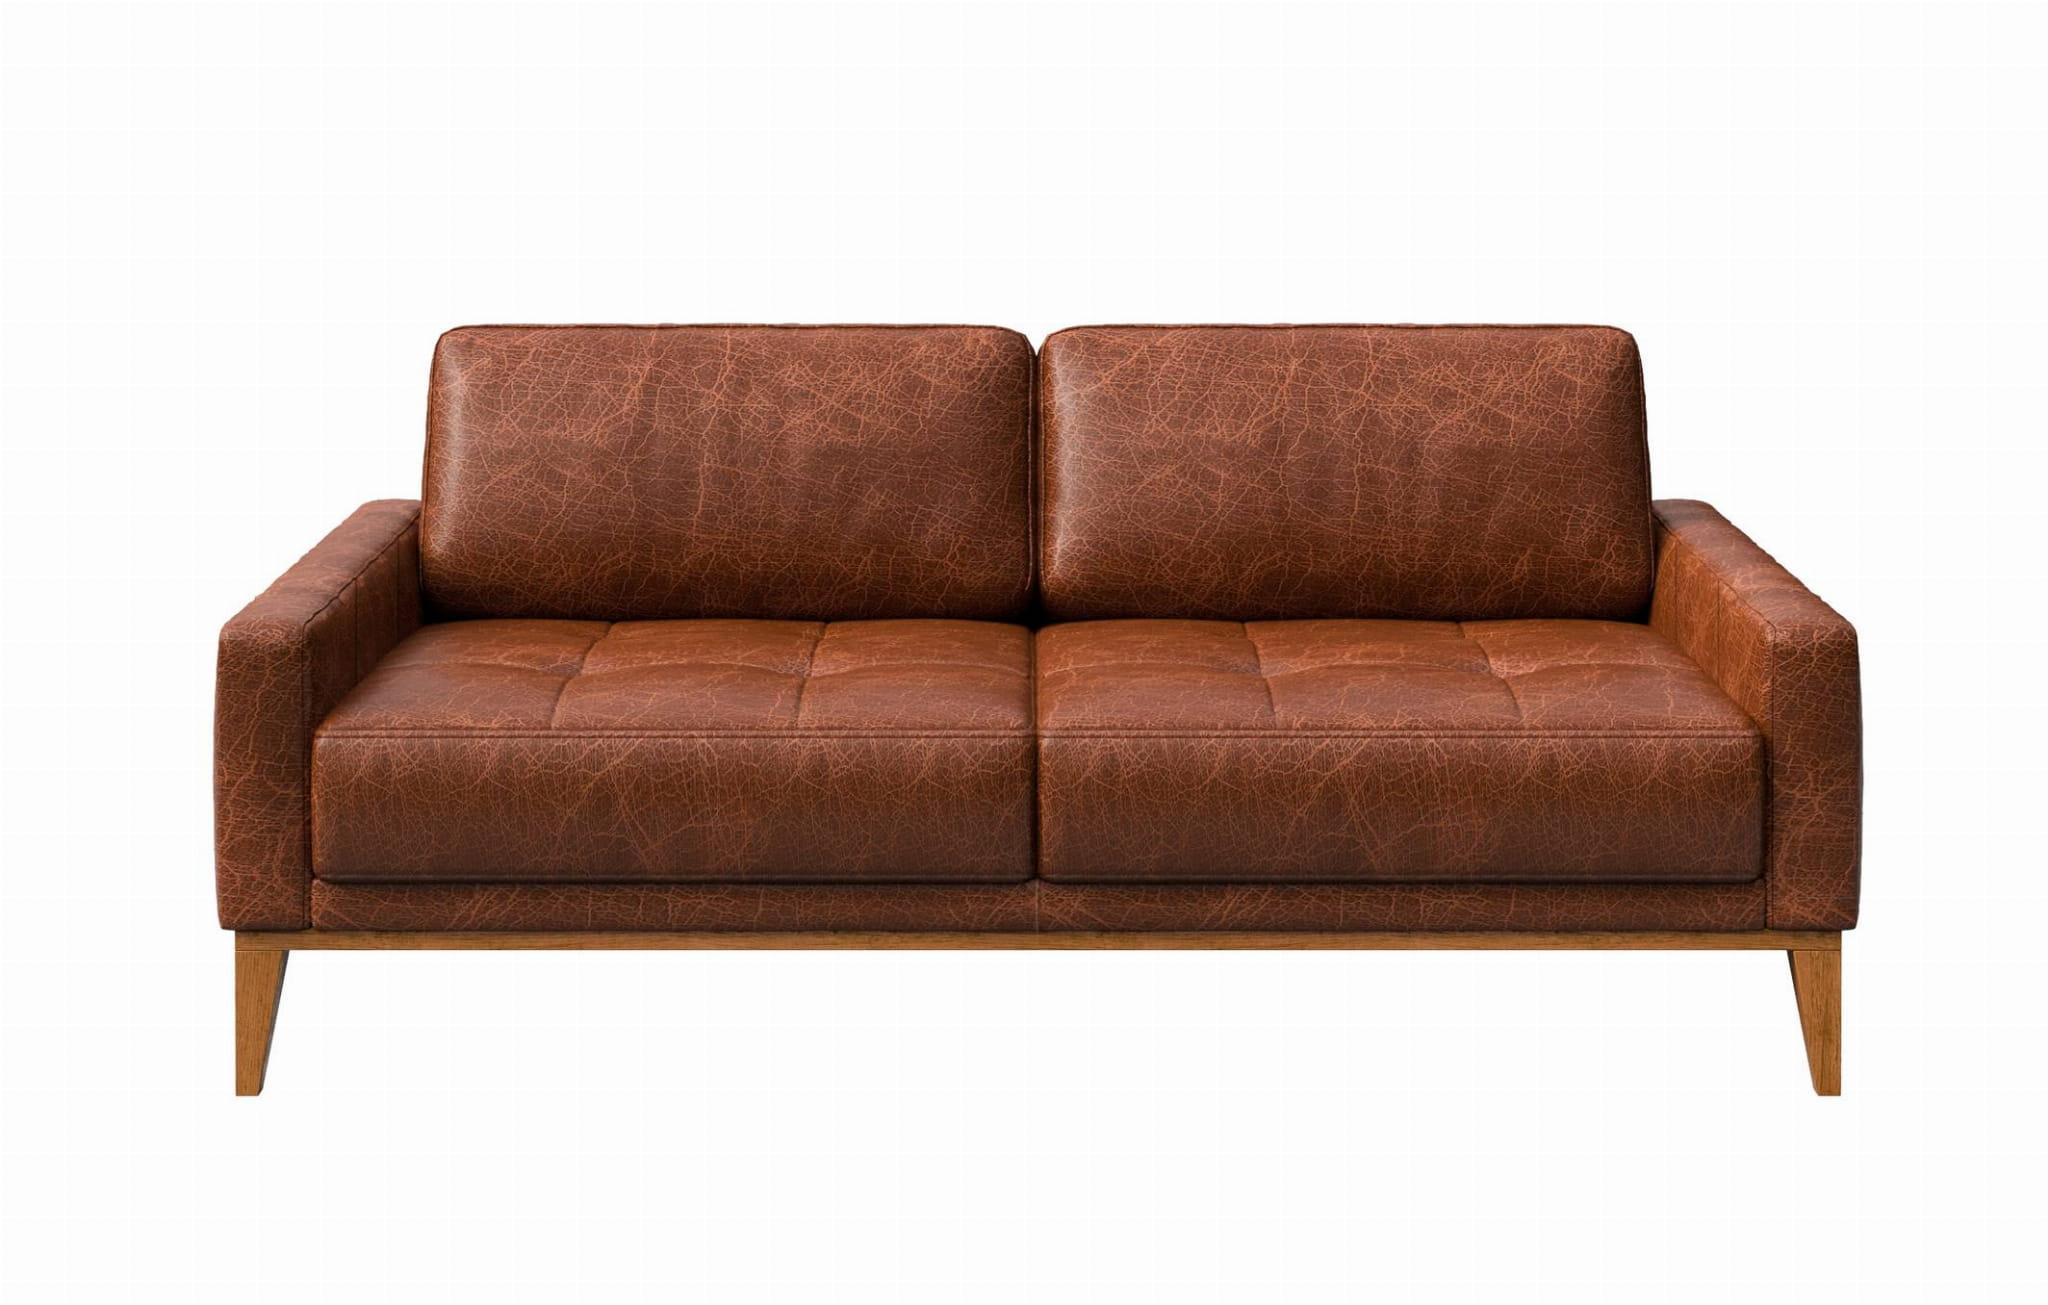 Full Size of Sofa Cognac Musso Tufted 2 Seater Home Inspirations Wk Creme Xxl Grau Rolf Benz Eck Poco Big Landhaus Bora Mit Elektrischer Sitztiefenverstellung L Form Mondo Sofa Sofa Cognac